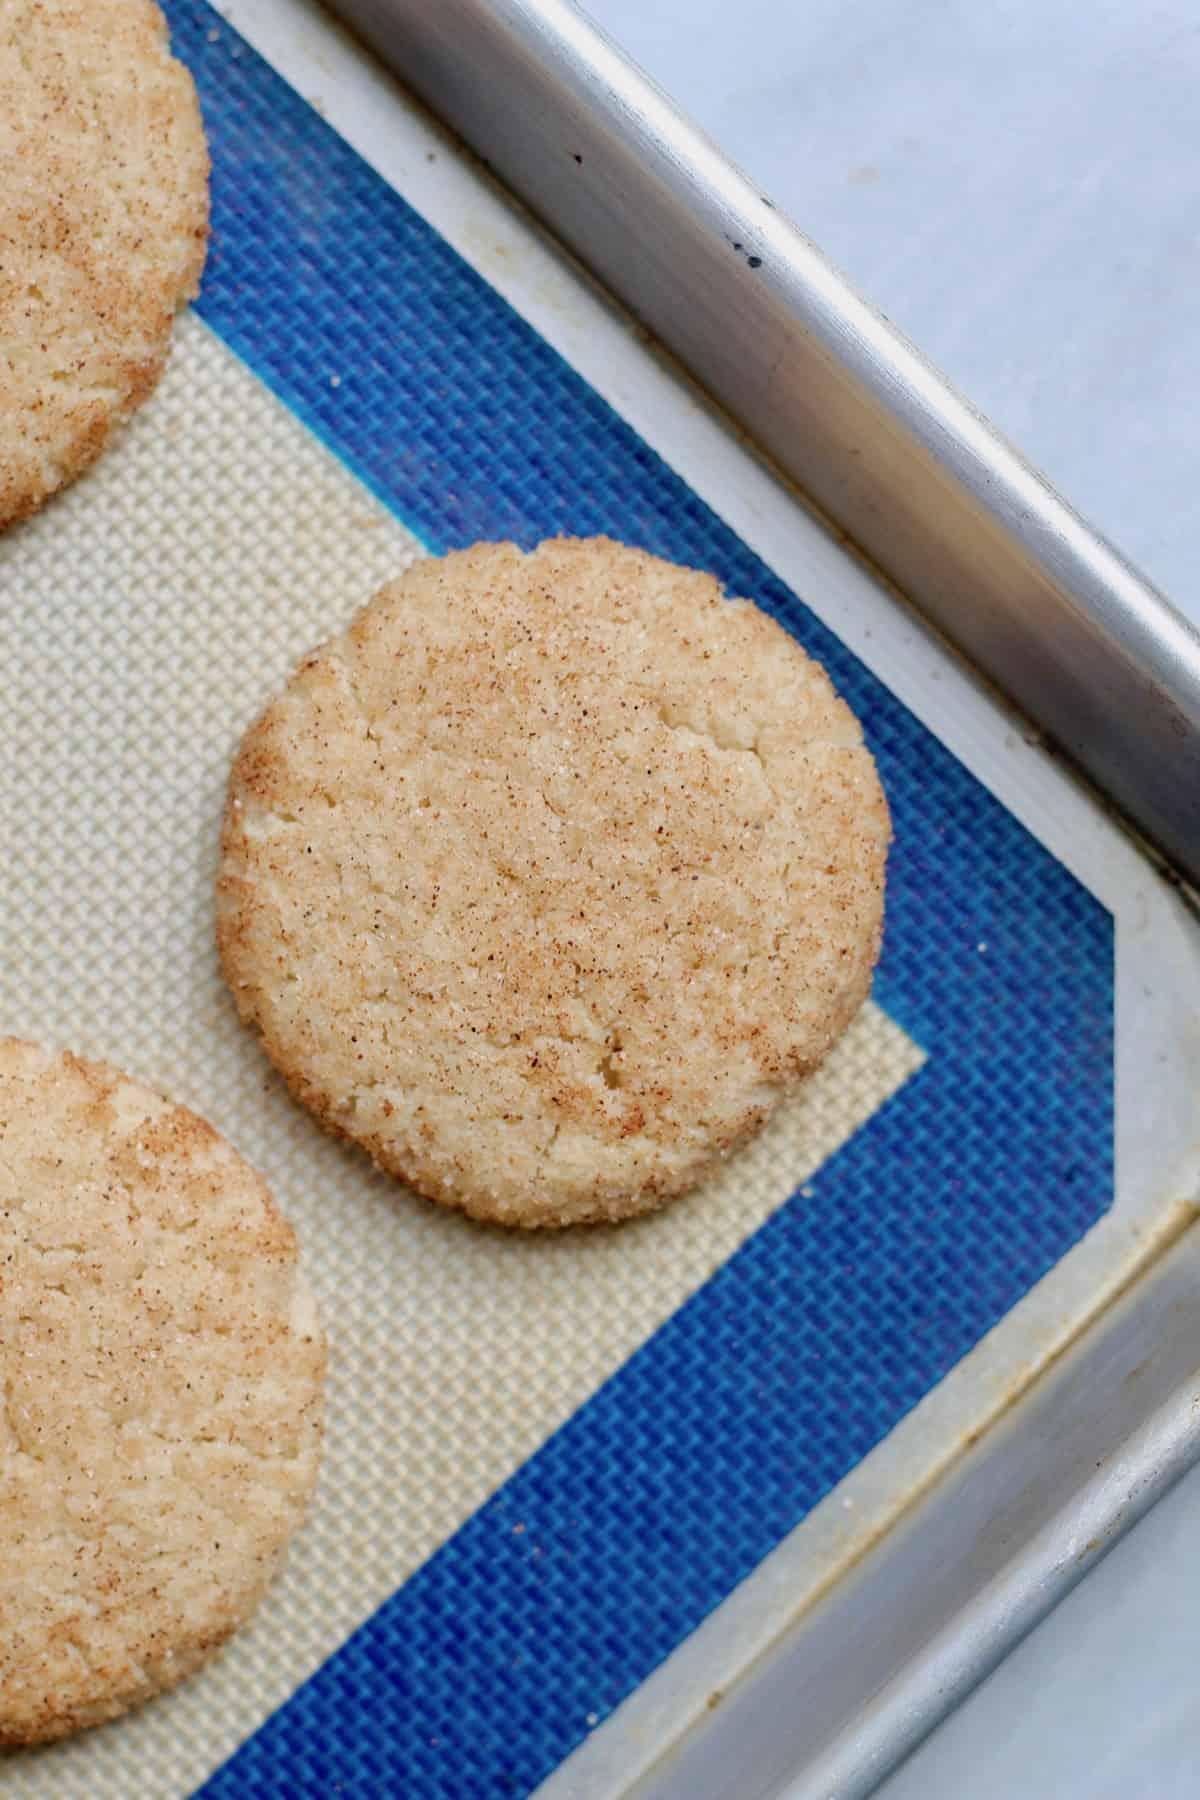 cookie on baking sheet